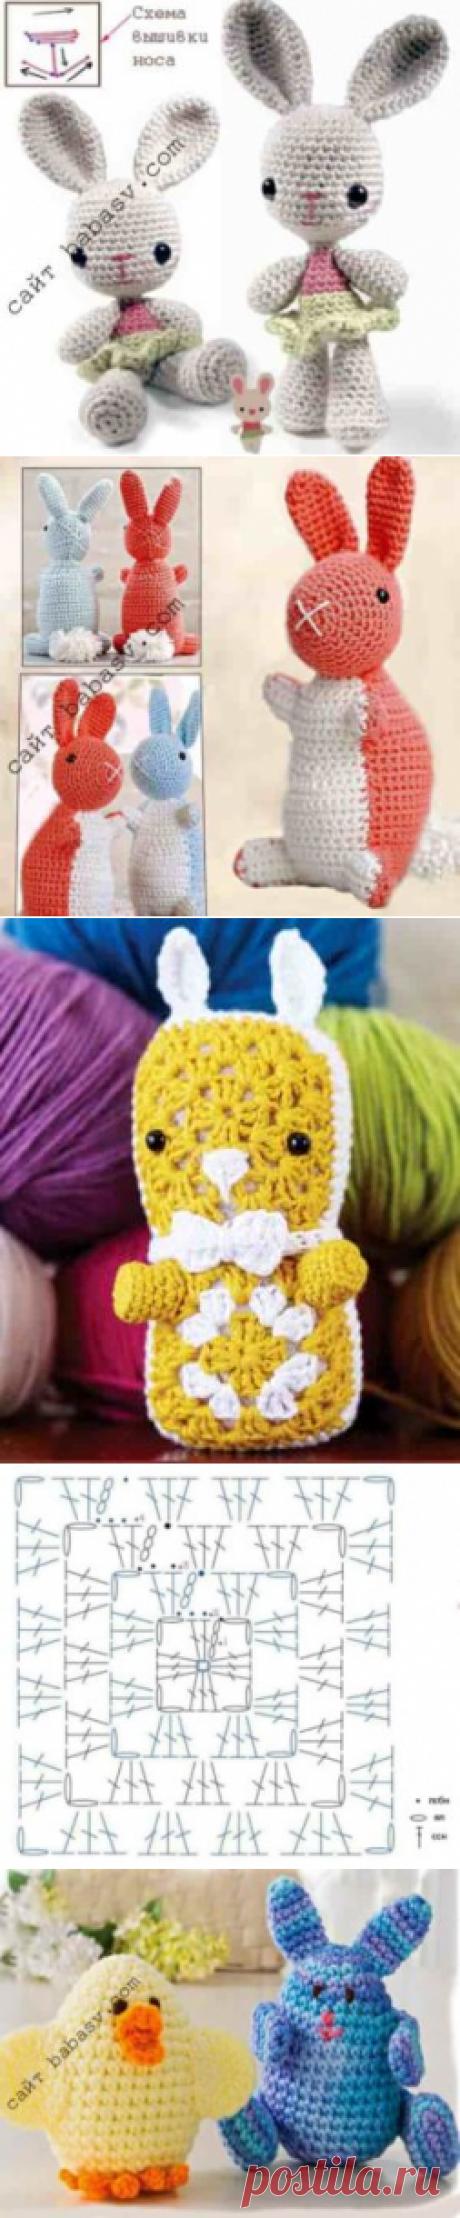 Связать зайца крючком: 4 игрушки с подробными описаниями